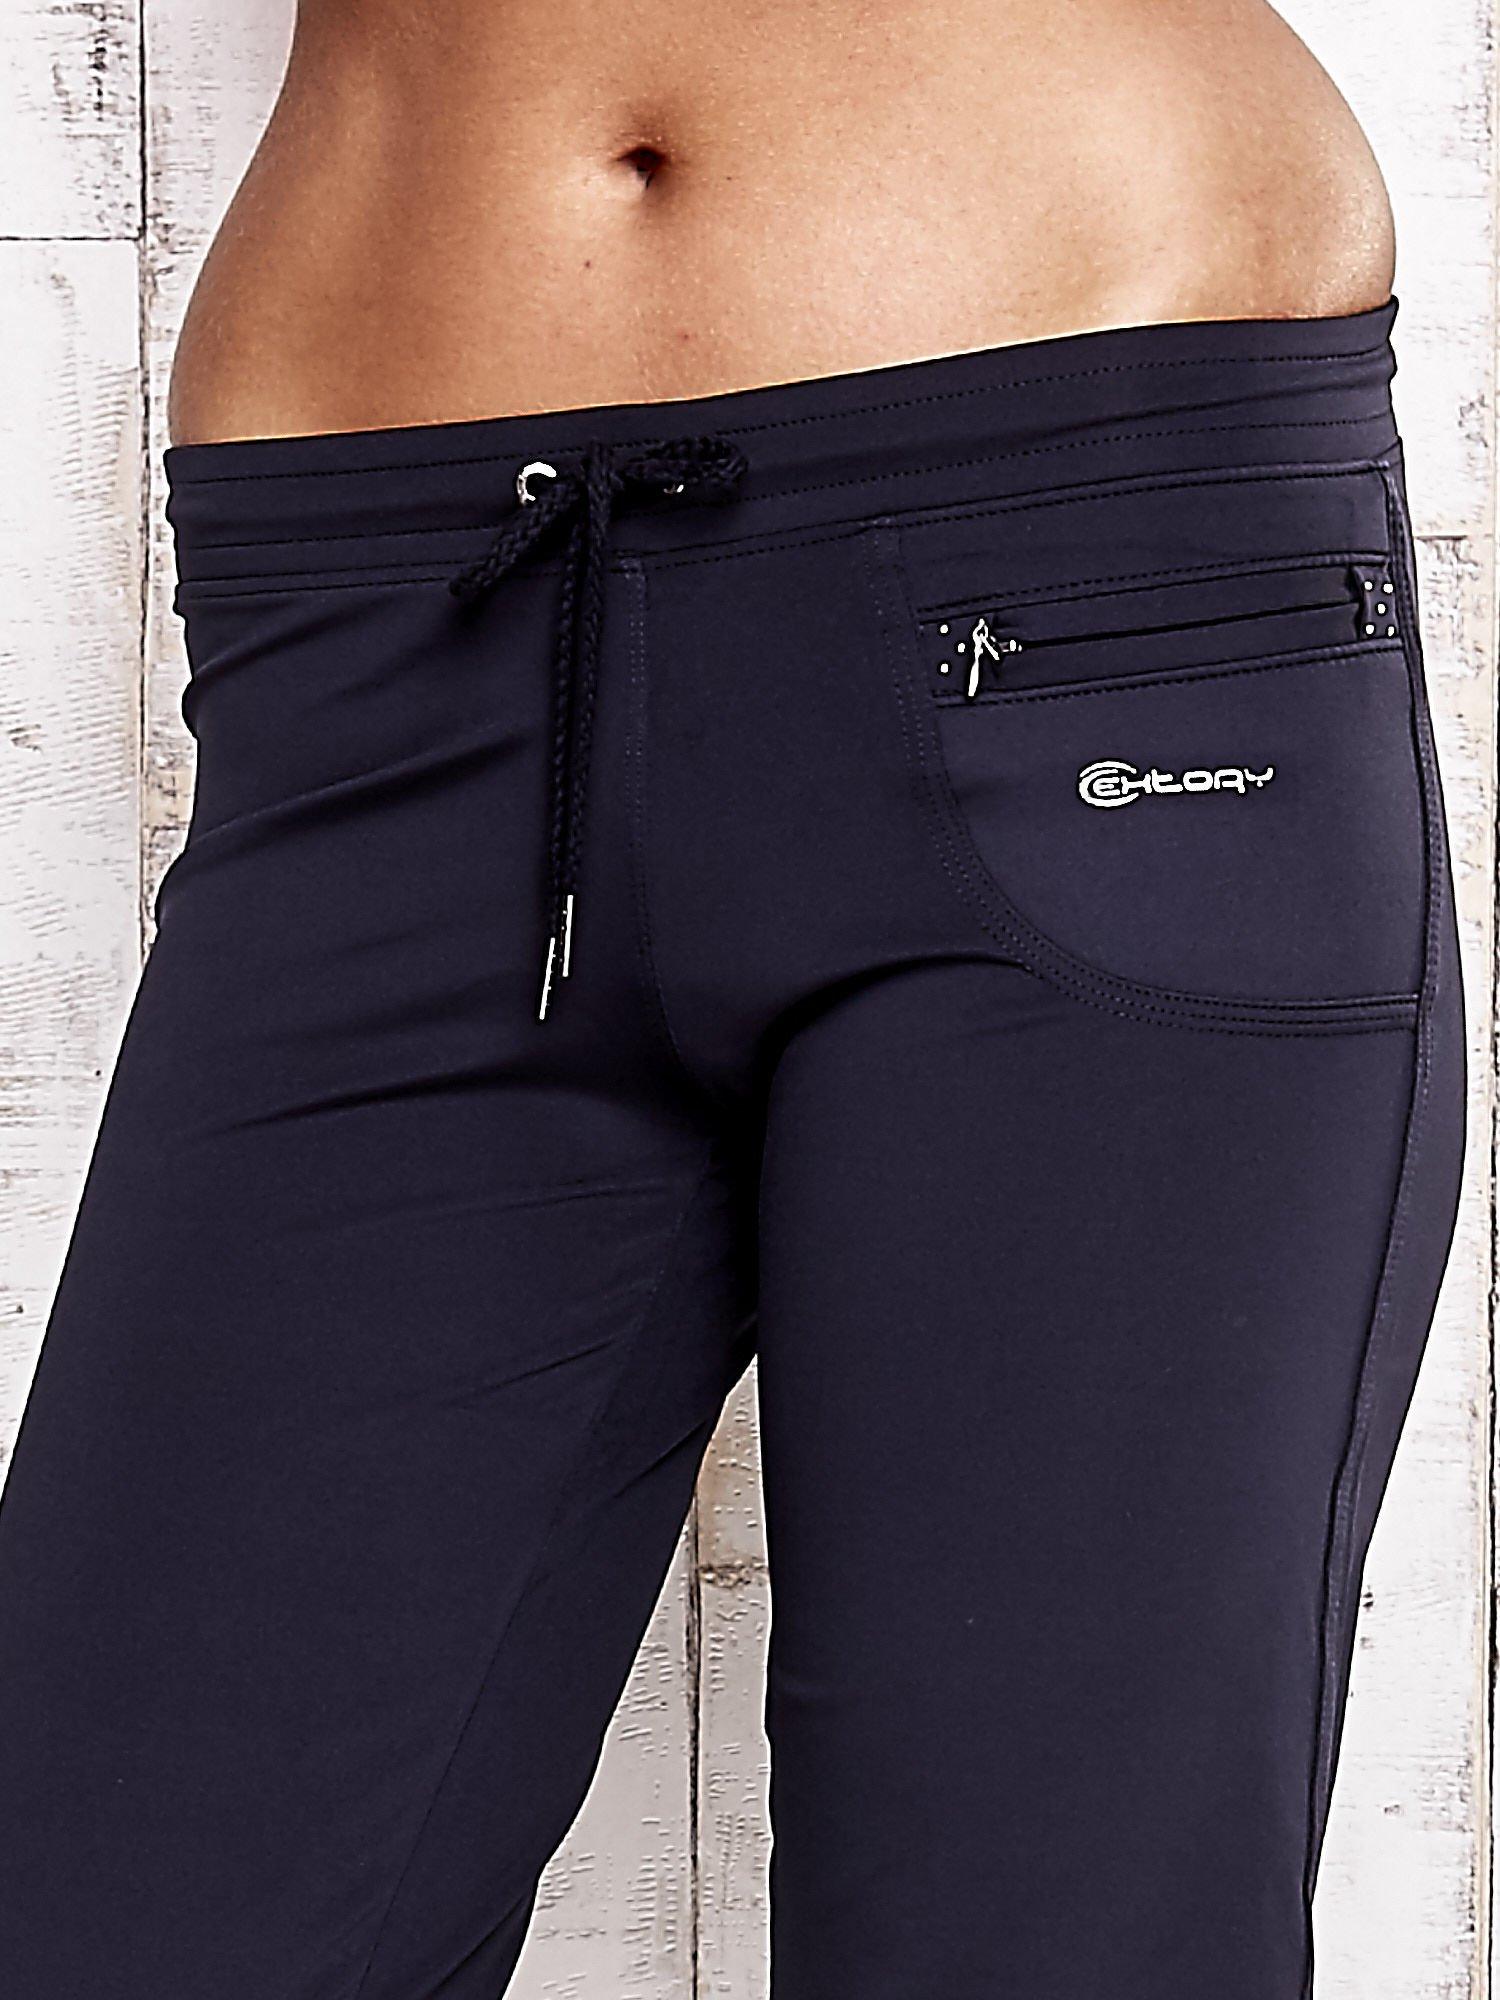 Granatowe spodnie capri z dżetami i kieszonką                                  zdj.                                  4